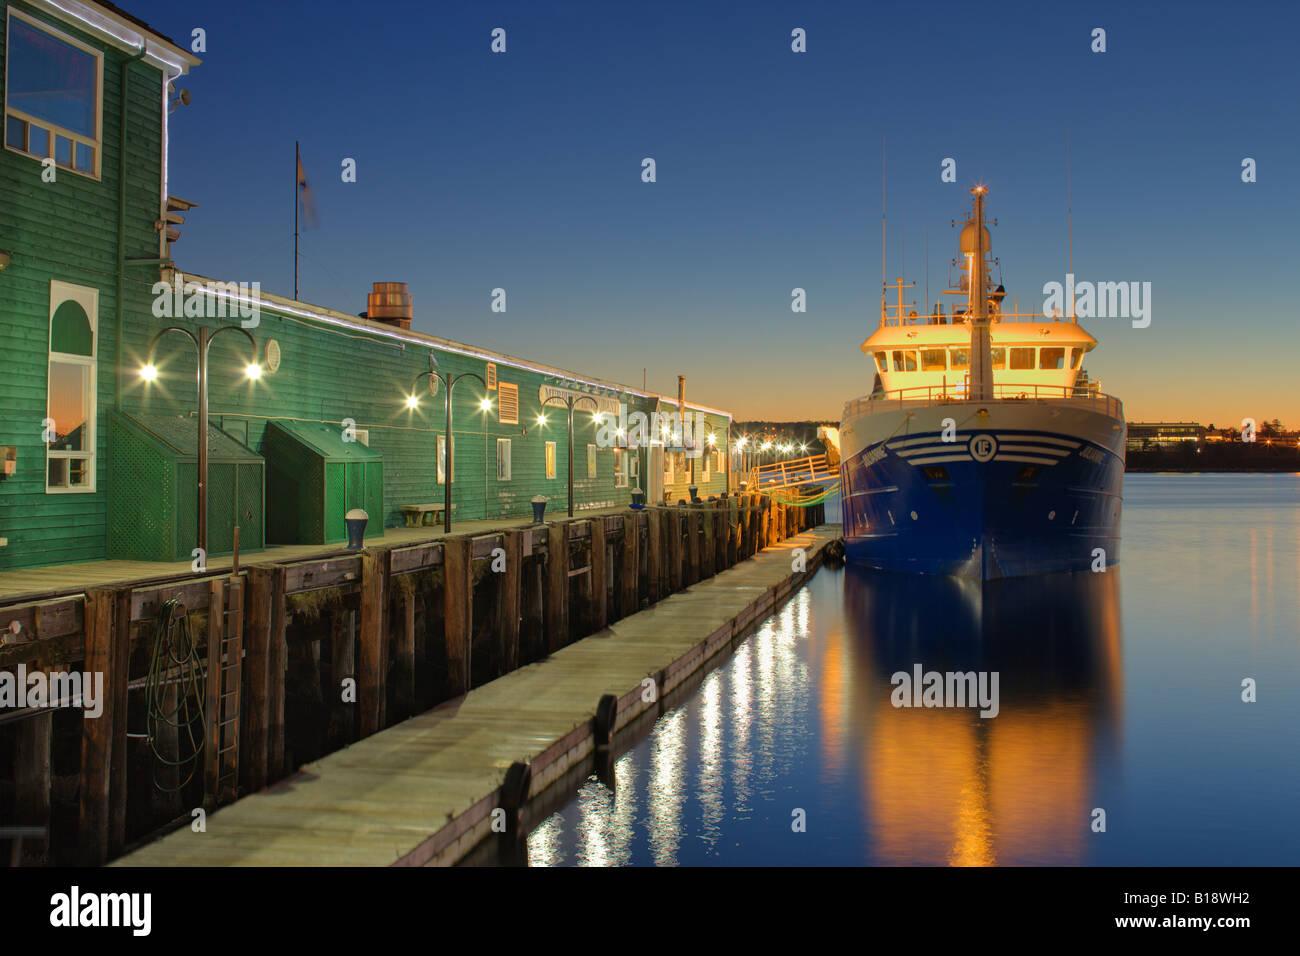 Halifax Waterfront e il Metro Terminal di transito- Halifax Nova Scotia, Canada. Immagini Stock